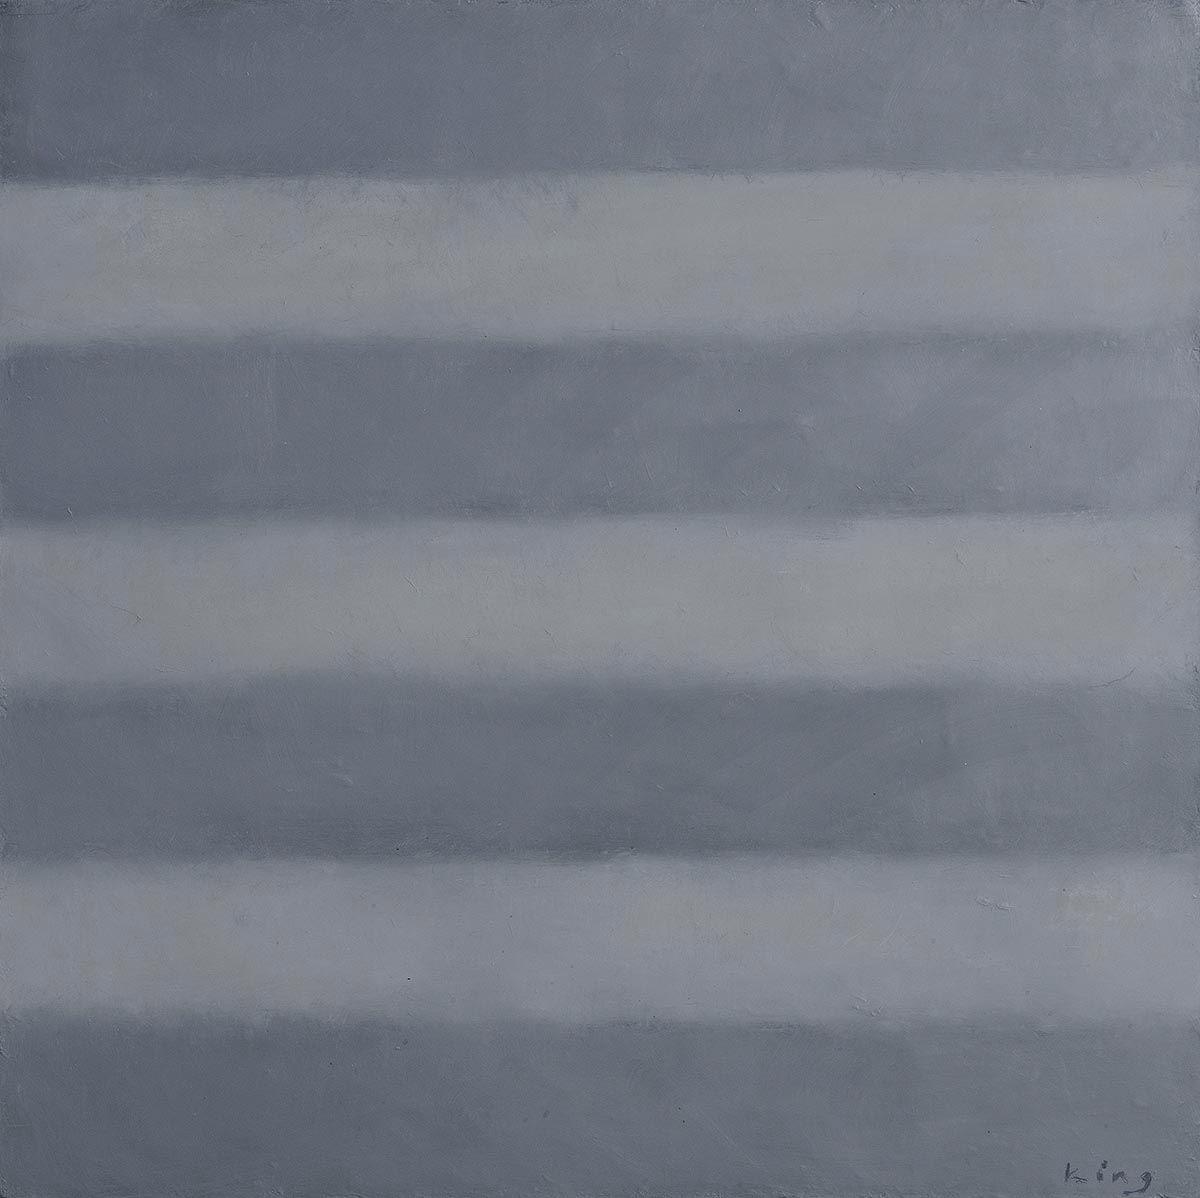 Paloma King, Eternal Sea at Morgan O'Driscoll Art Auctions